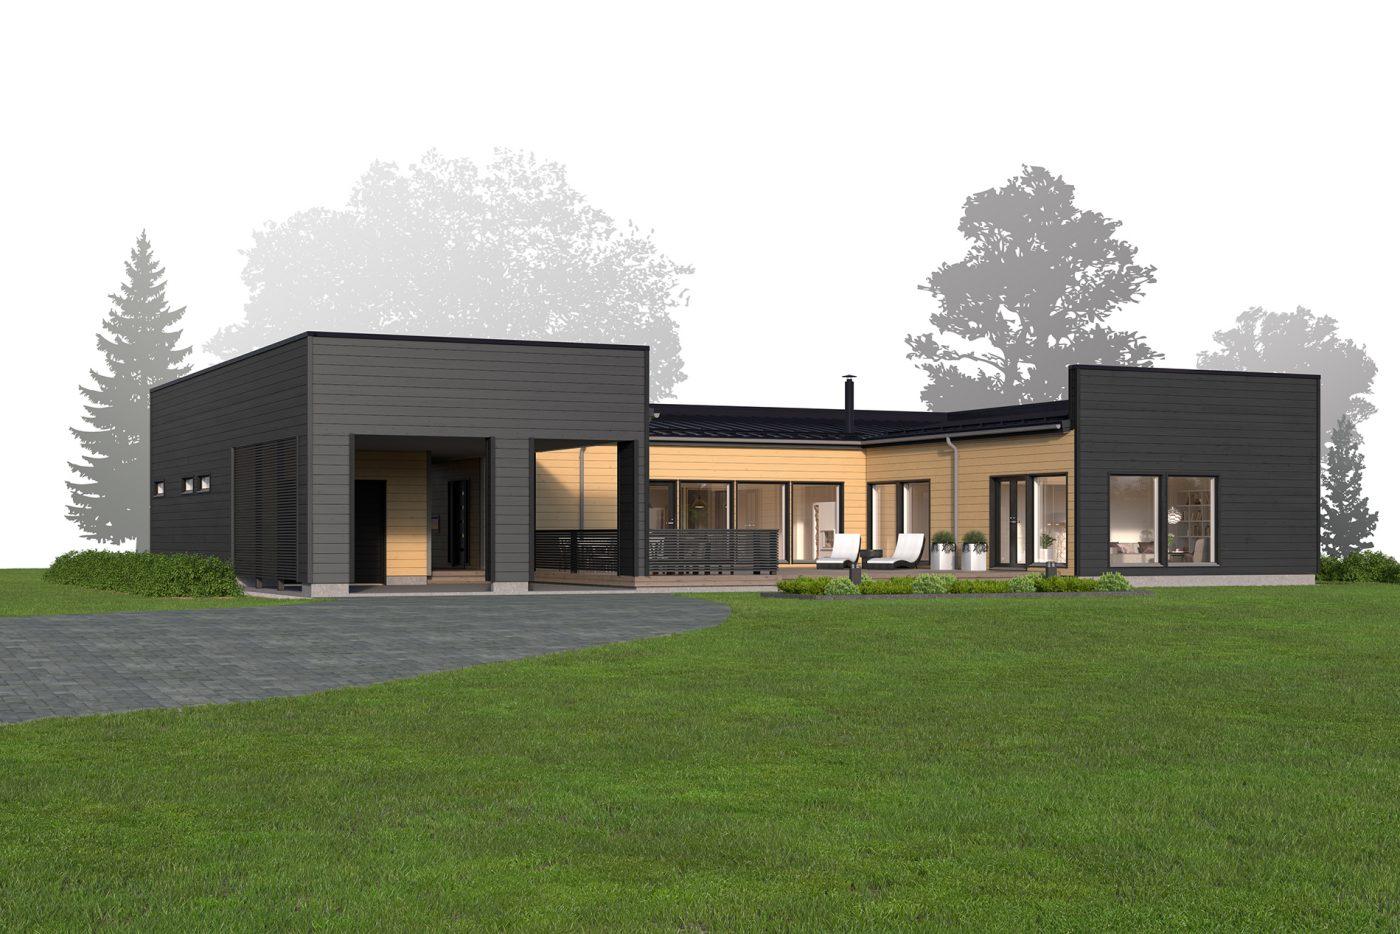 maison sips cubique 180 m² 01